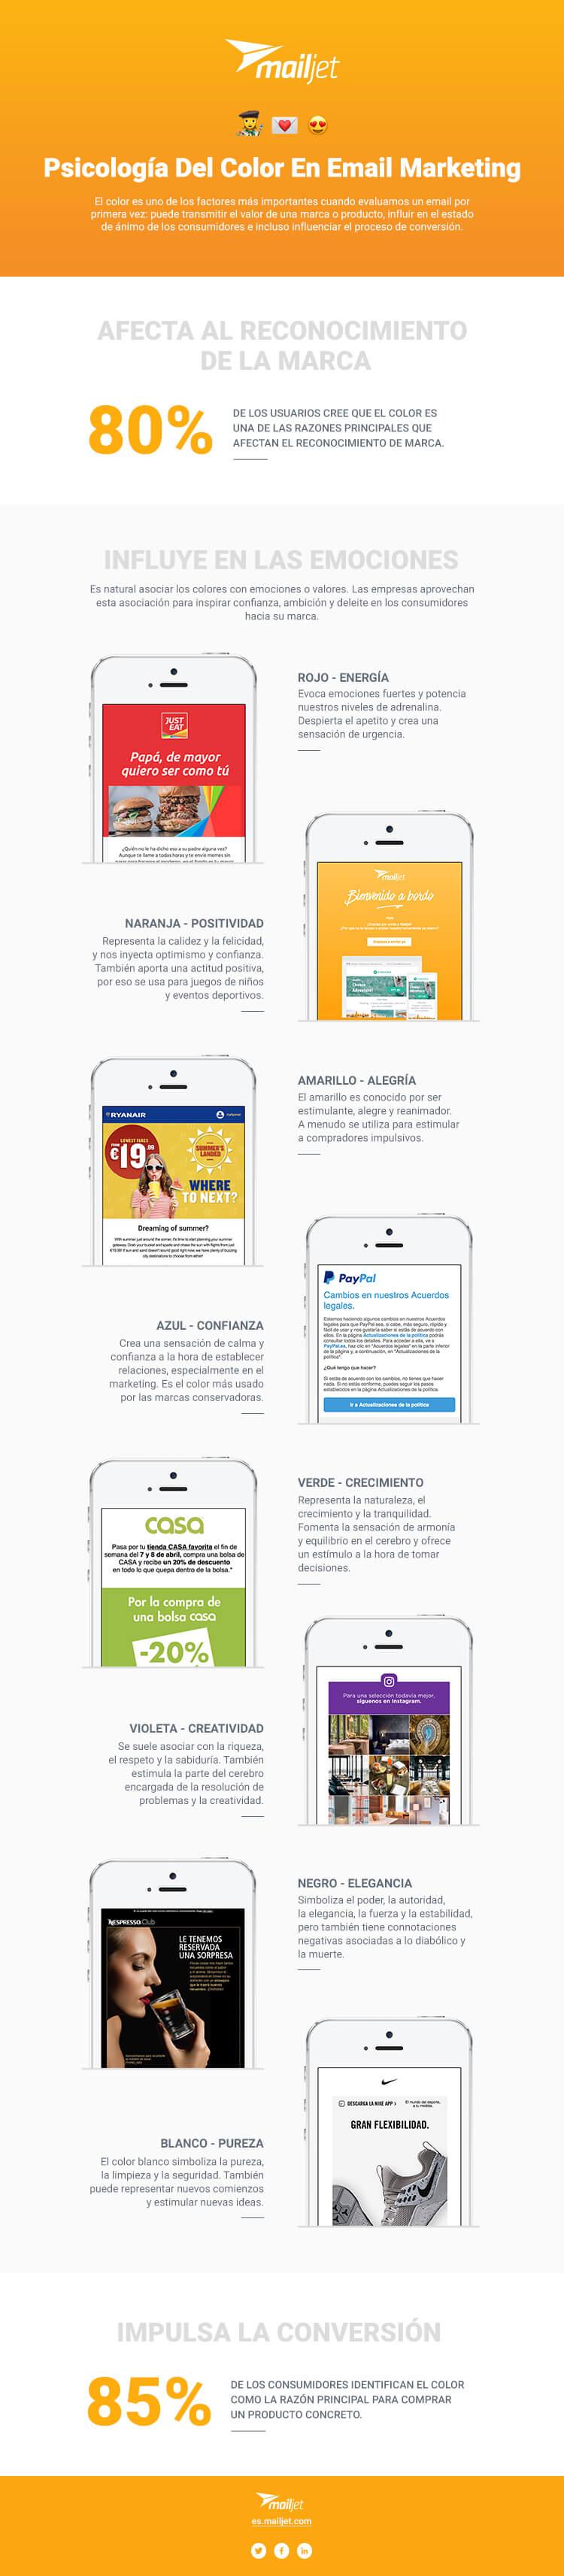 Psicología del color en email marketing